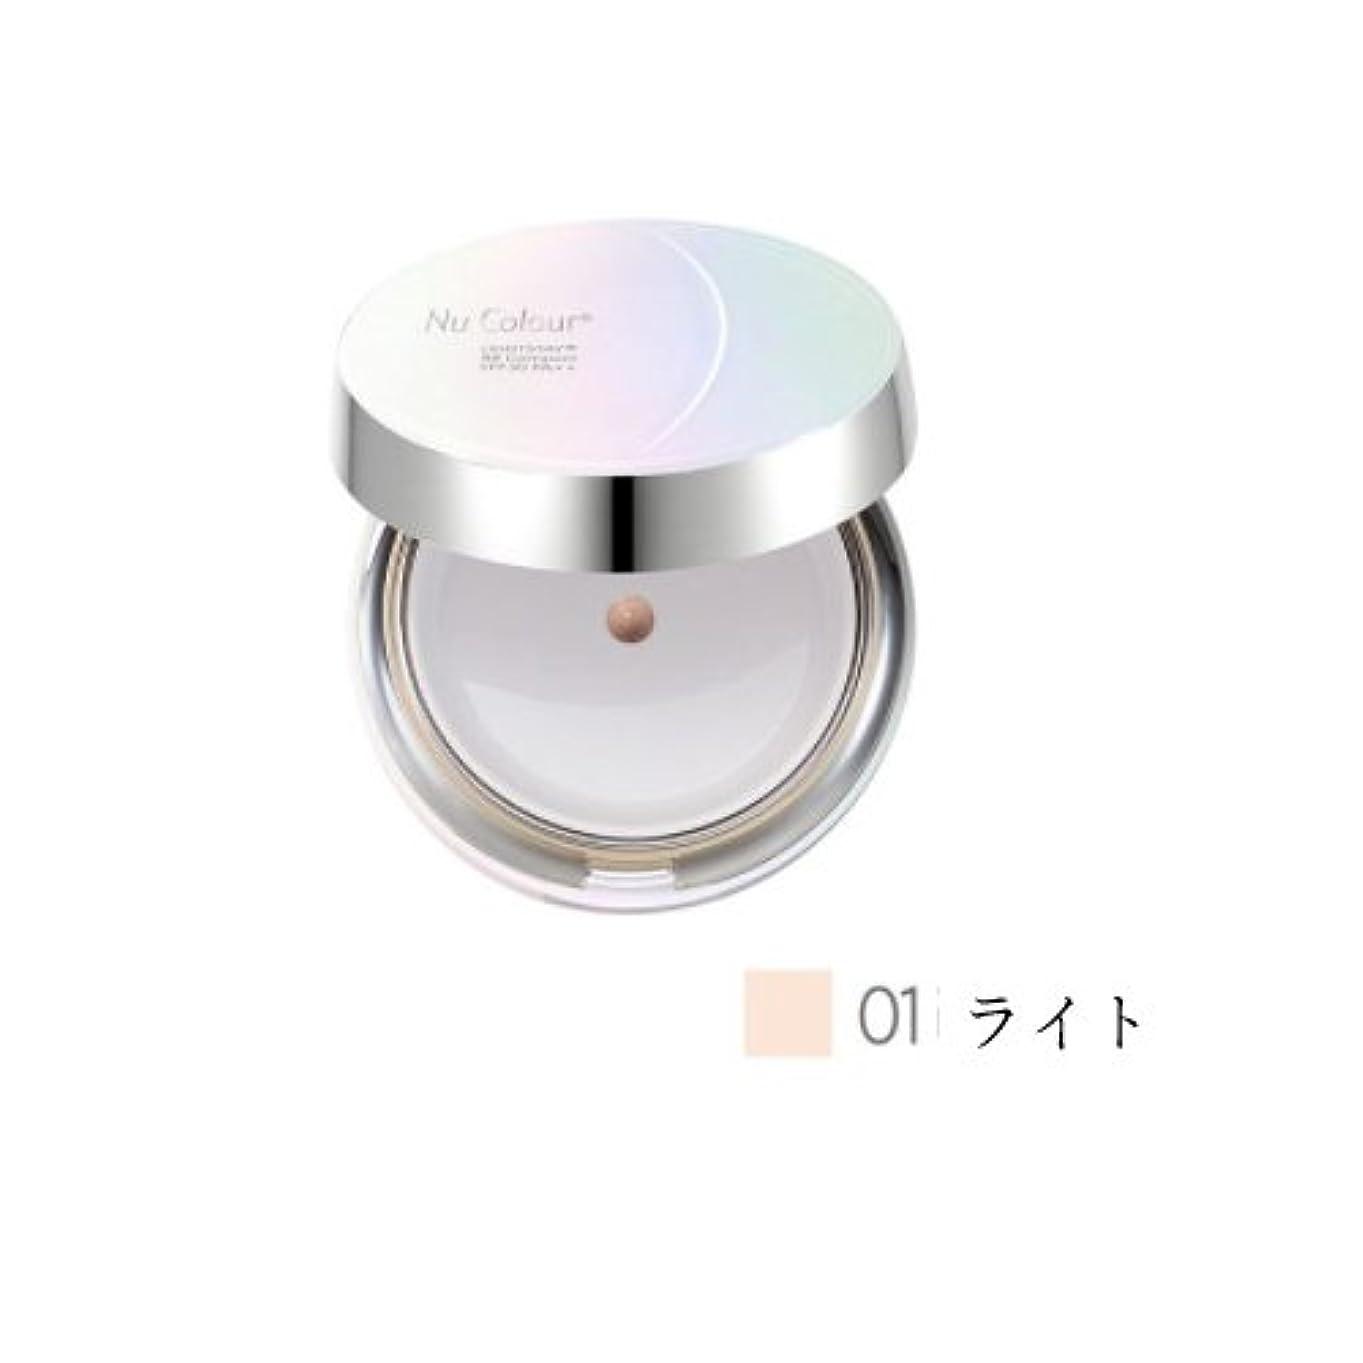 始まりそれら療法ニュースキン ライトステイビビコンパクトSPF30 PA++01ライト BB Compact 01 Light [並行輸入品]